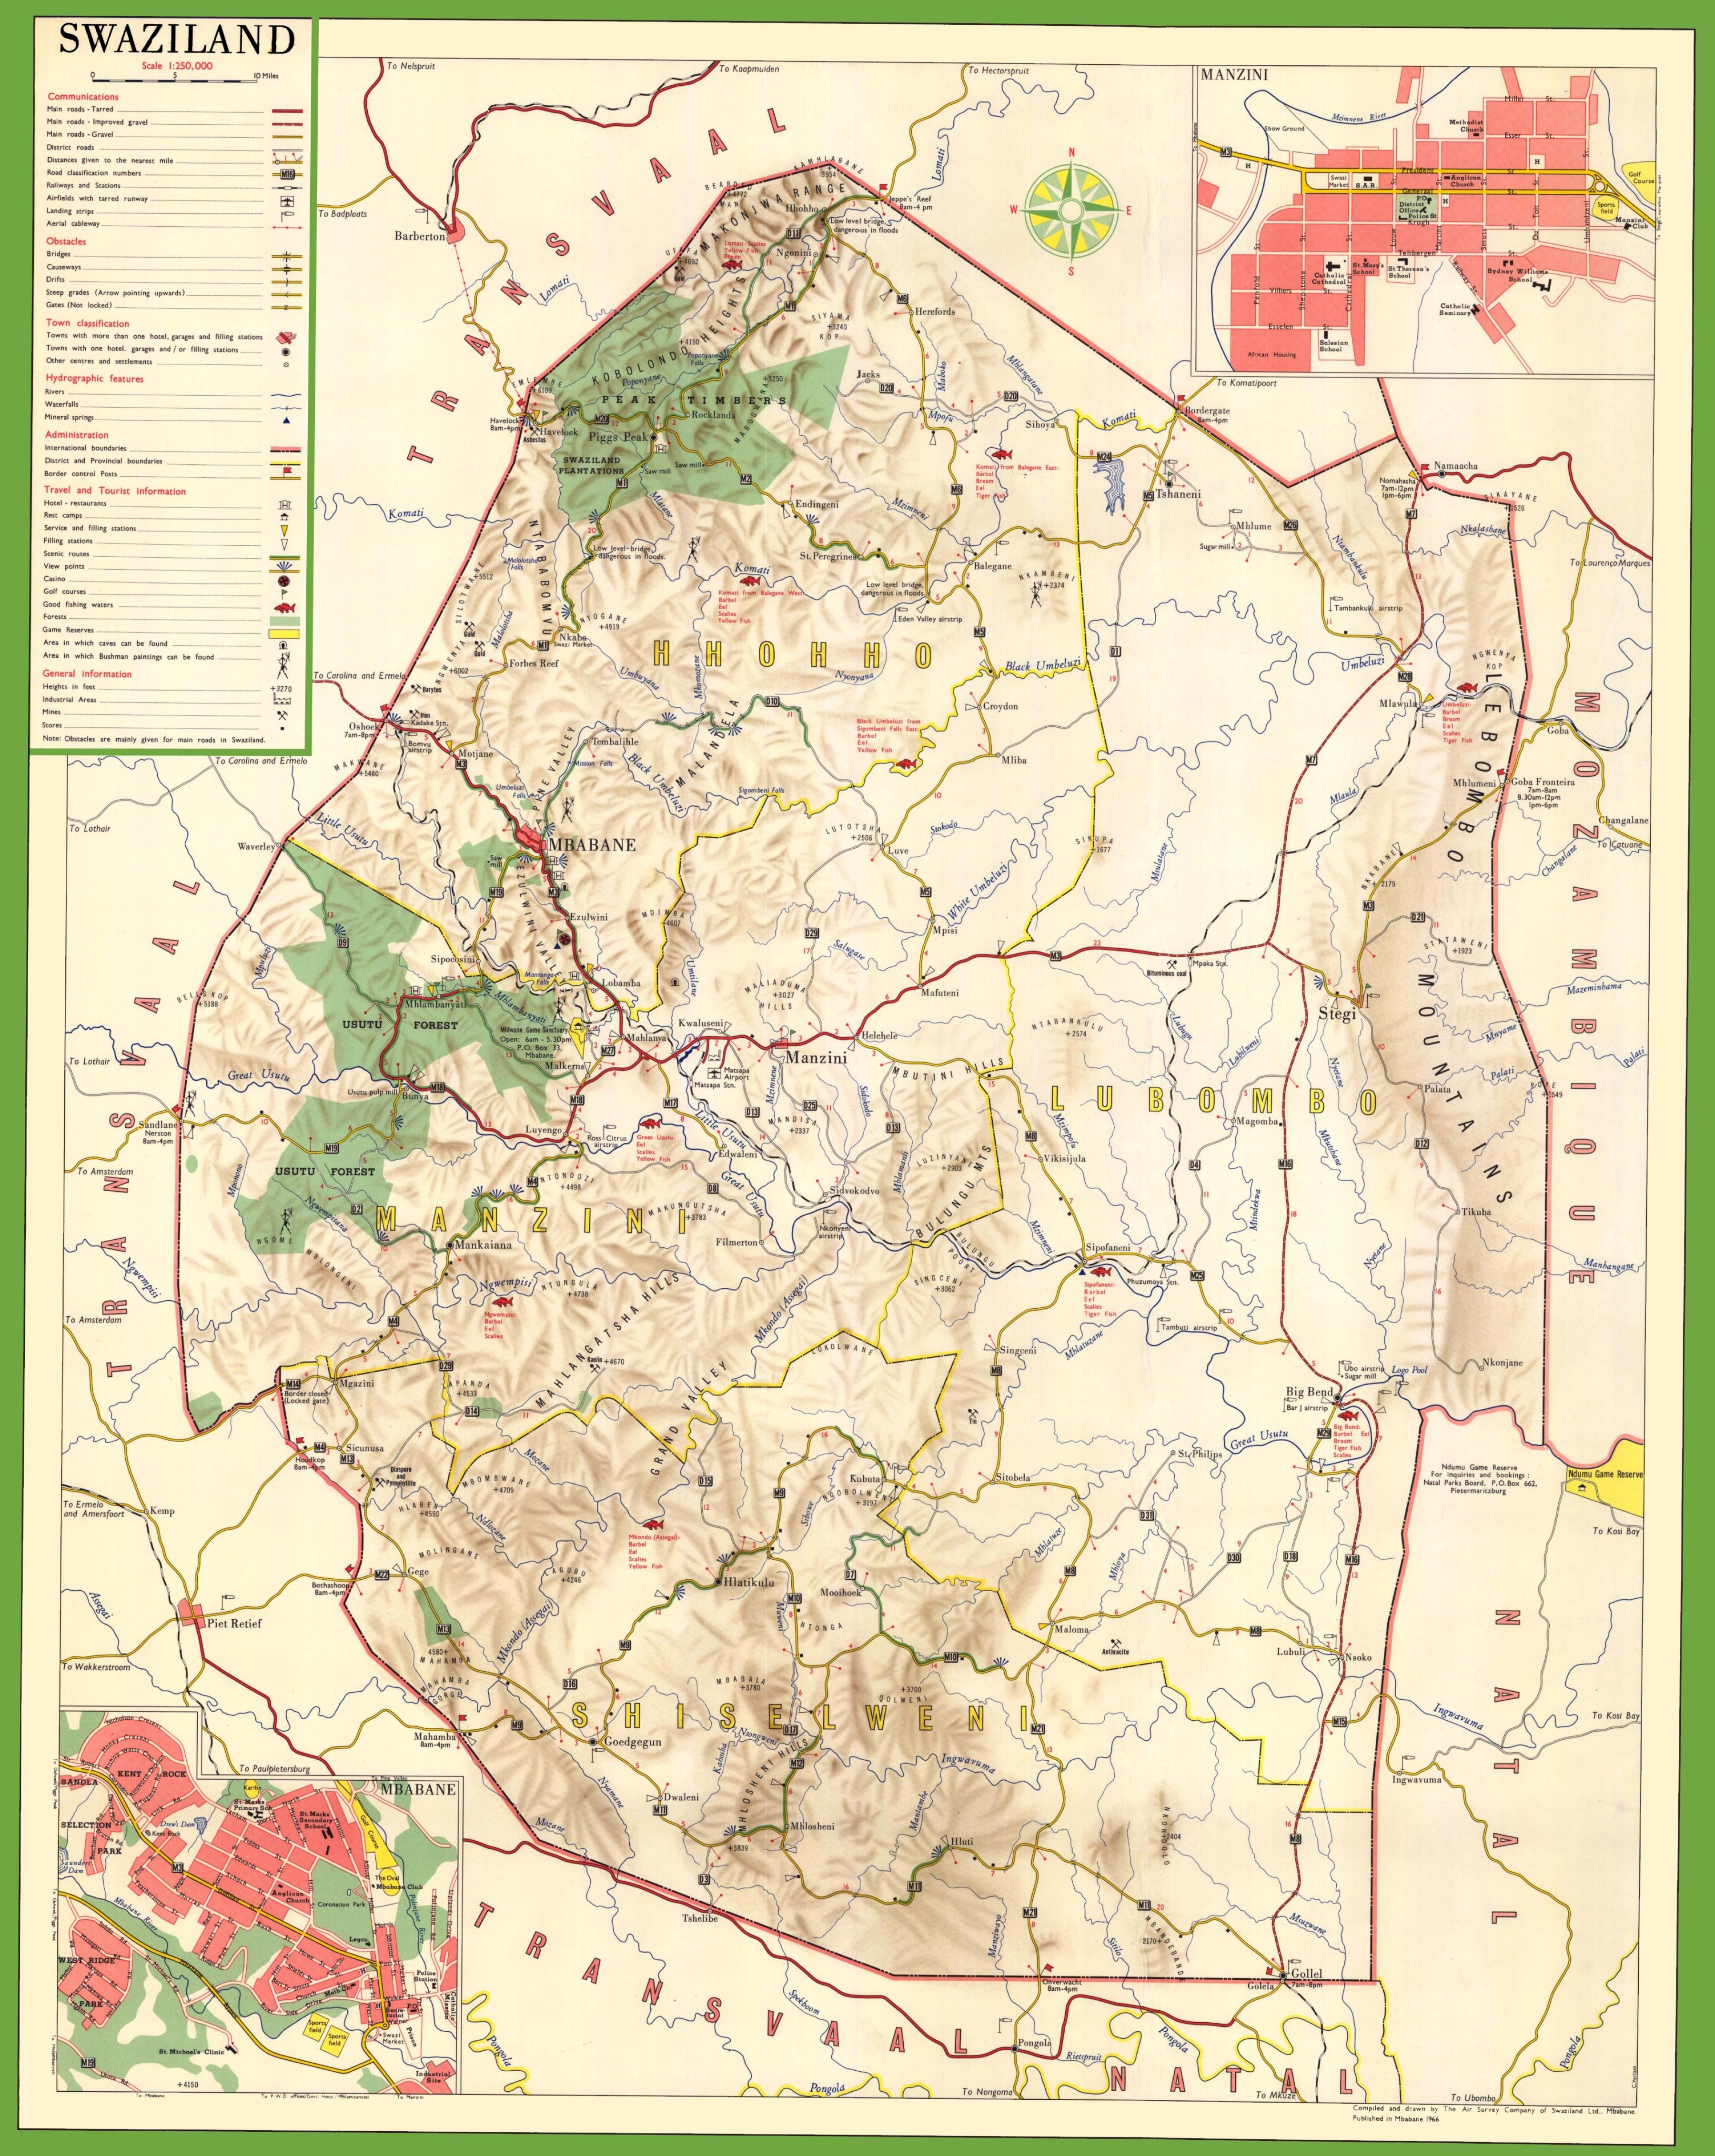 Svazijsko Podrobna Mapa Mapa Svazijsko Podrobne Jizni Africe